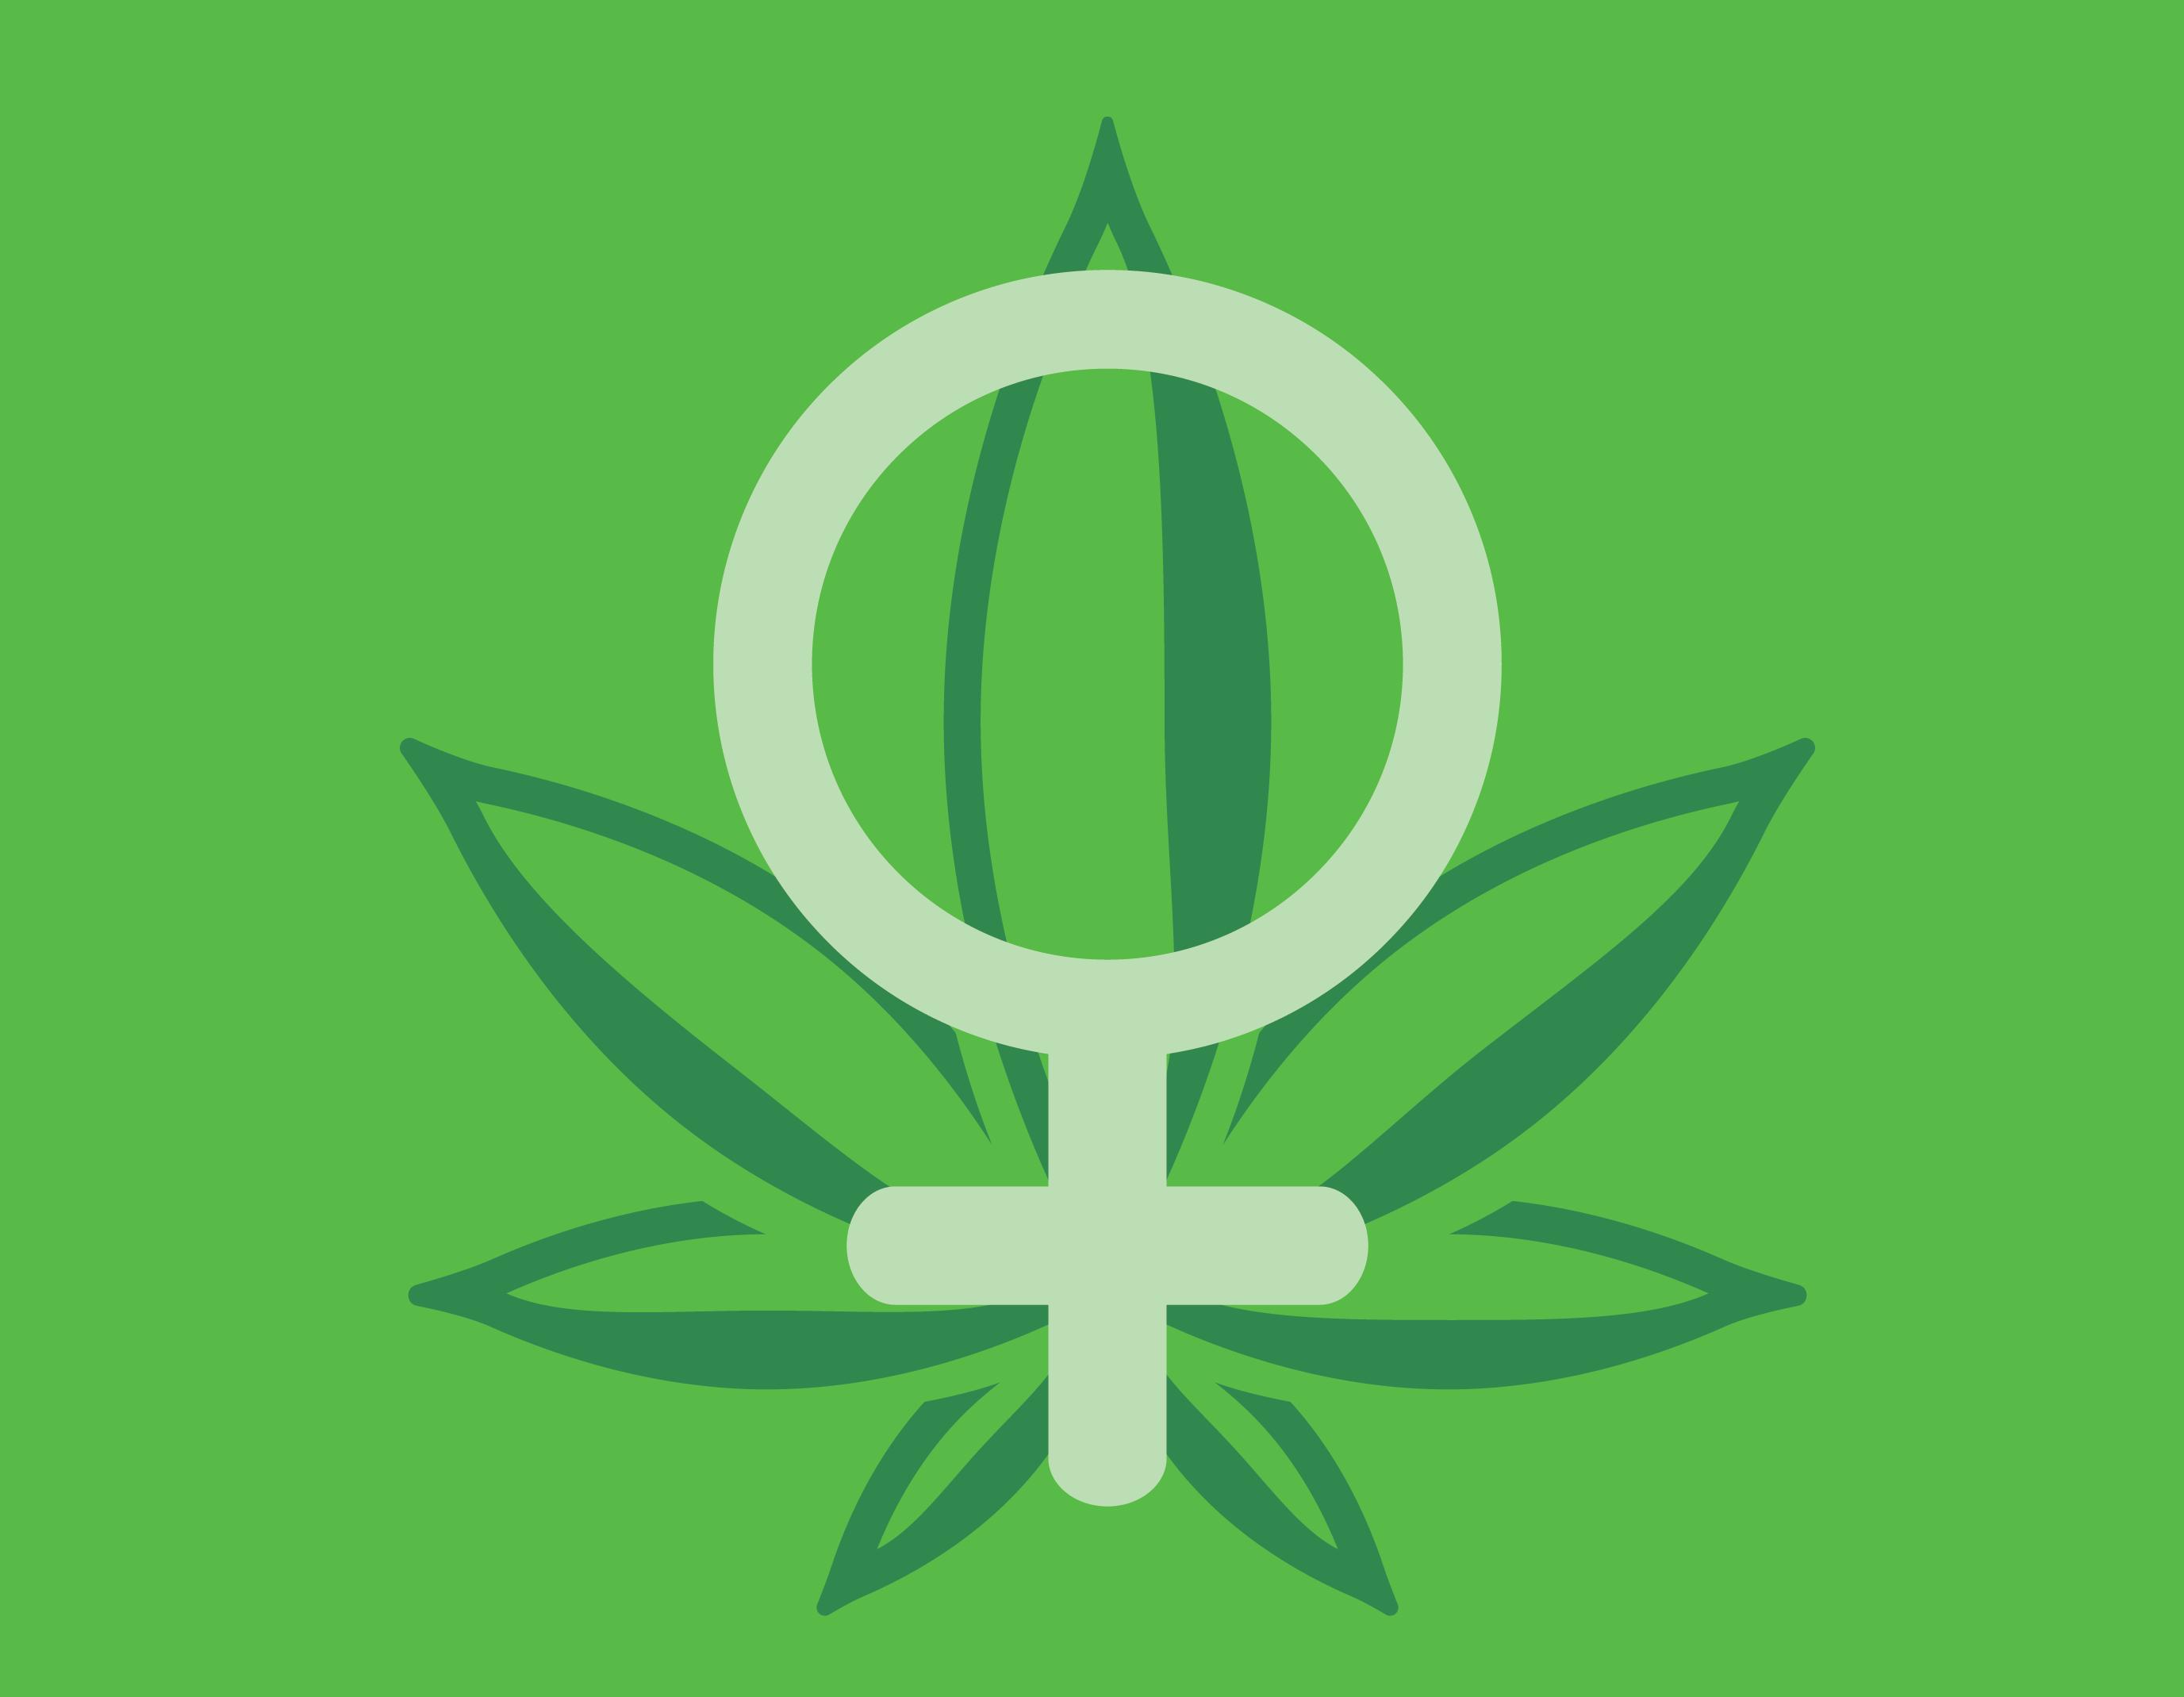 donna cannabis marijuana consumatore ha un sapore preferenze reale semi regina preferita